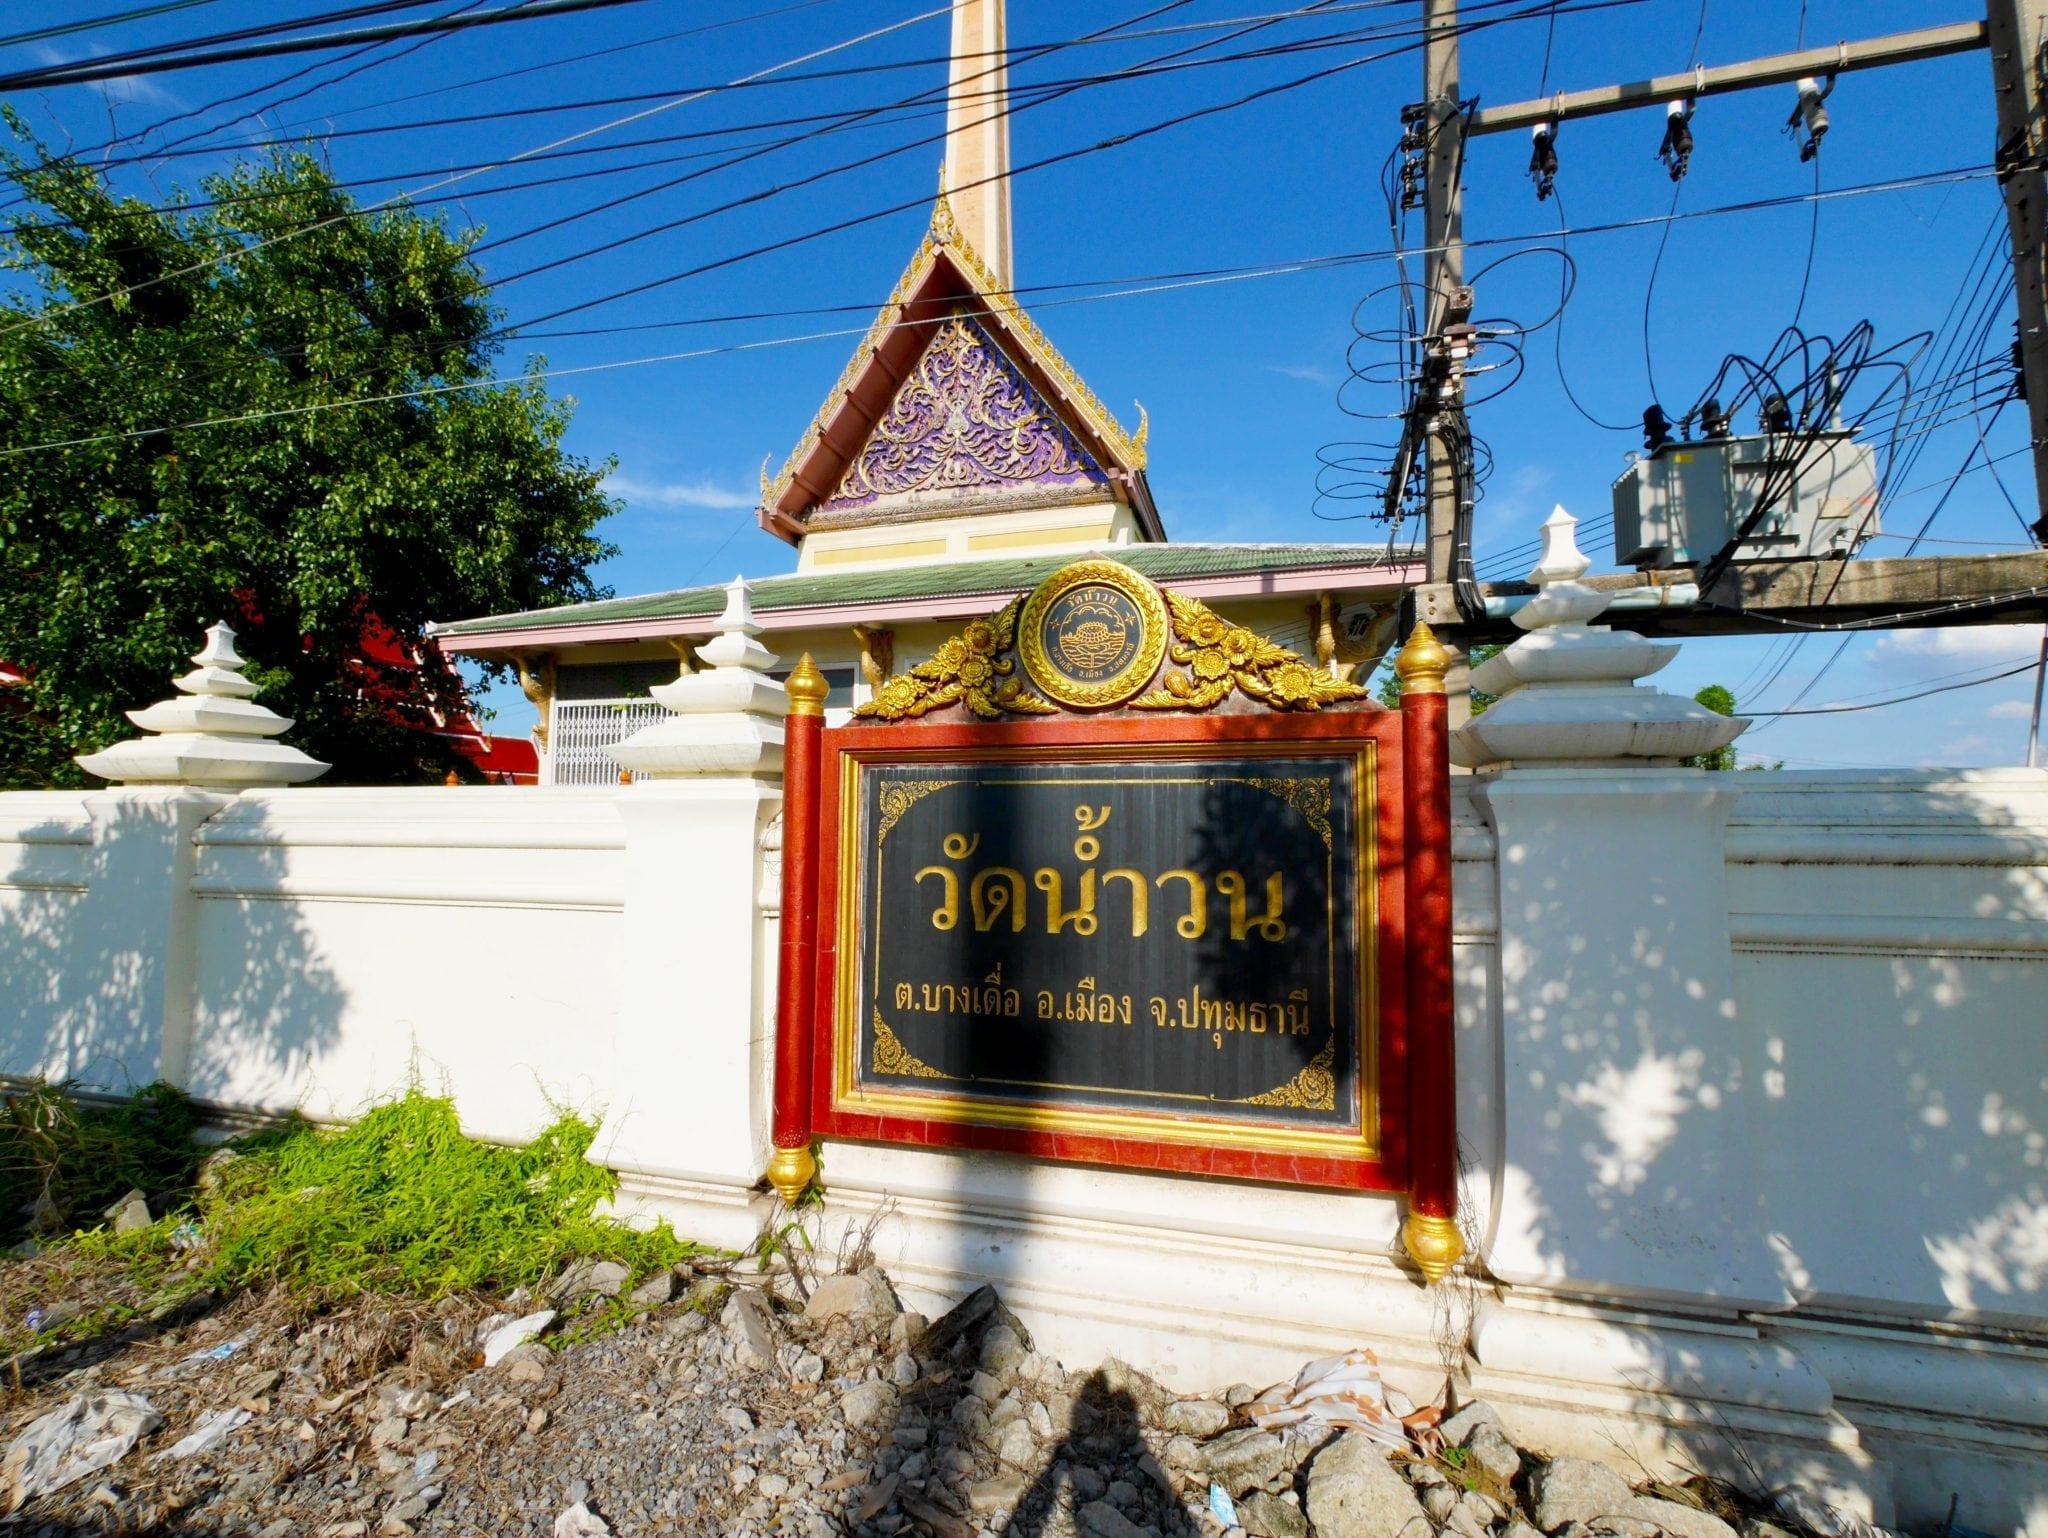 ร้านพวงหรีดวัดน้ำวน ปทุมธานี โดยร้านพวงหรีด Reedthai